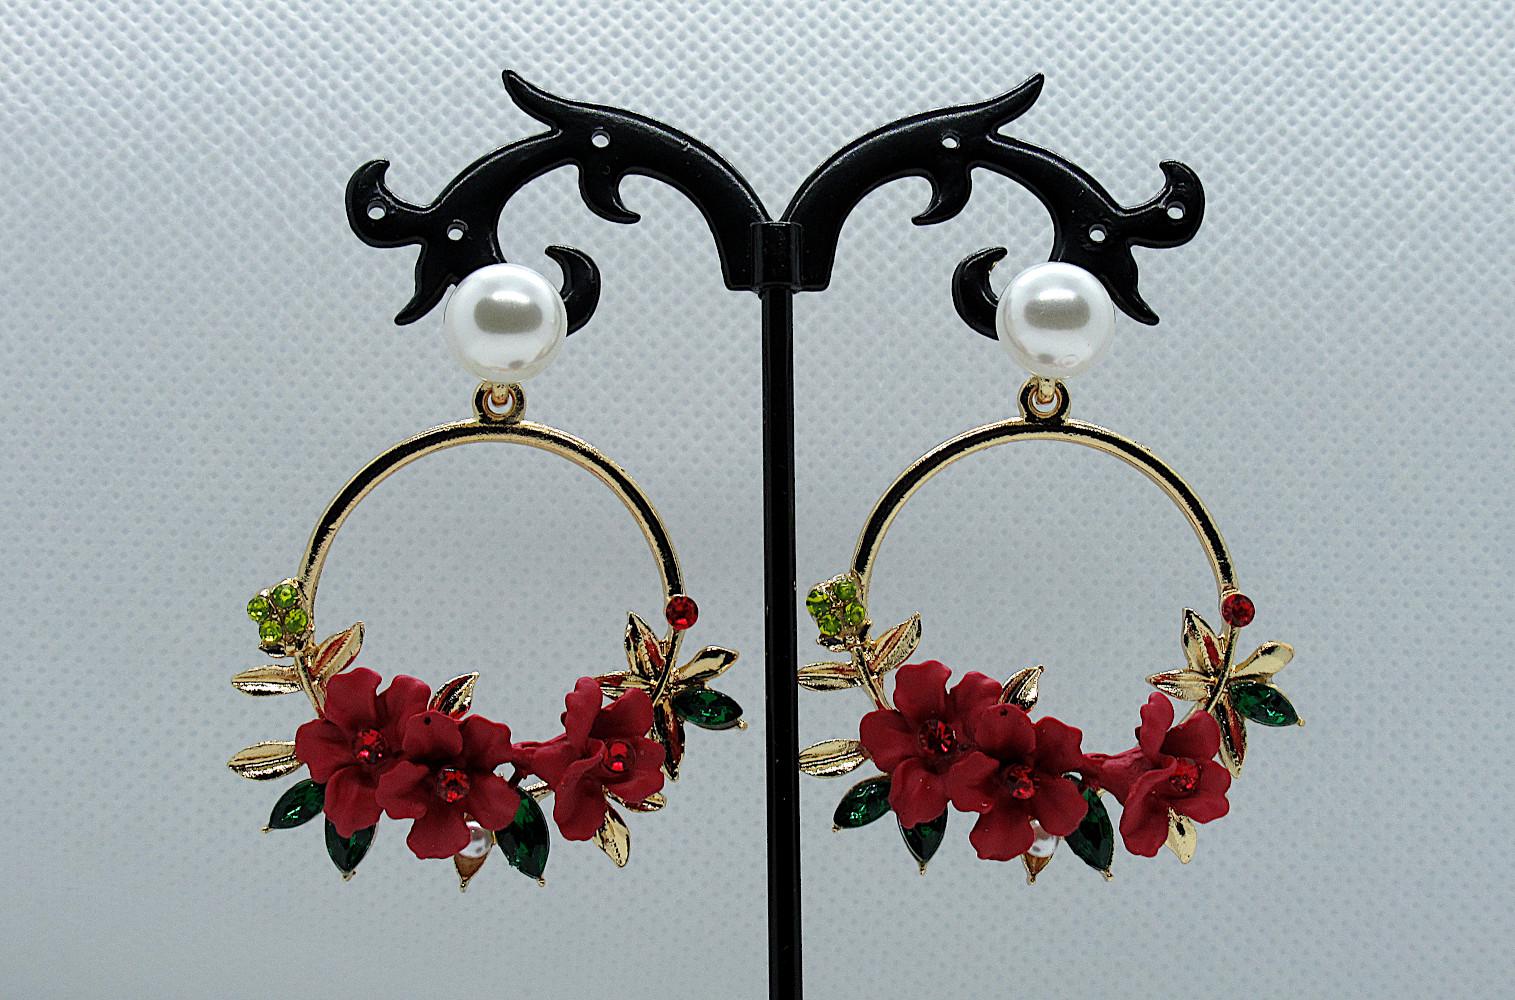 PA-302_Crystal and Pearl Floral Wreath Hoop Earrings-Red2